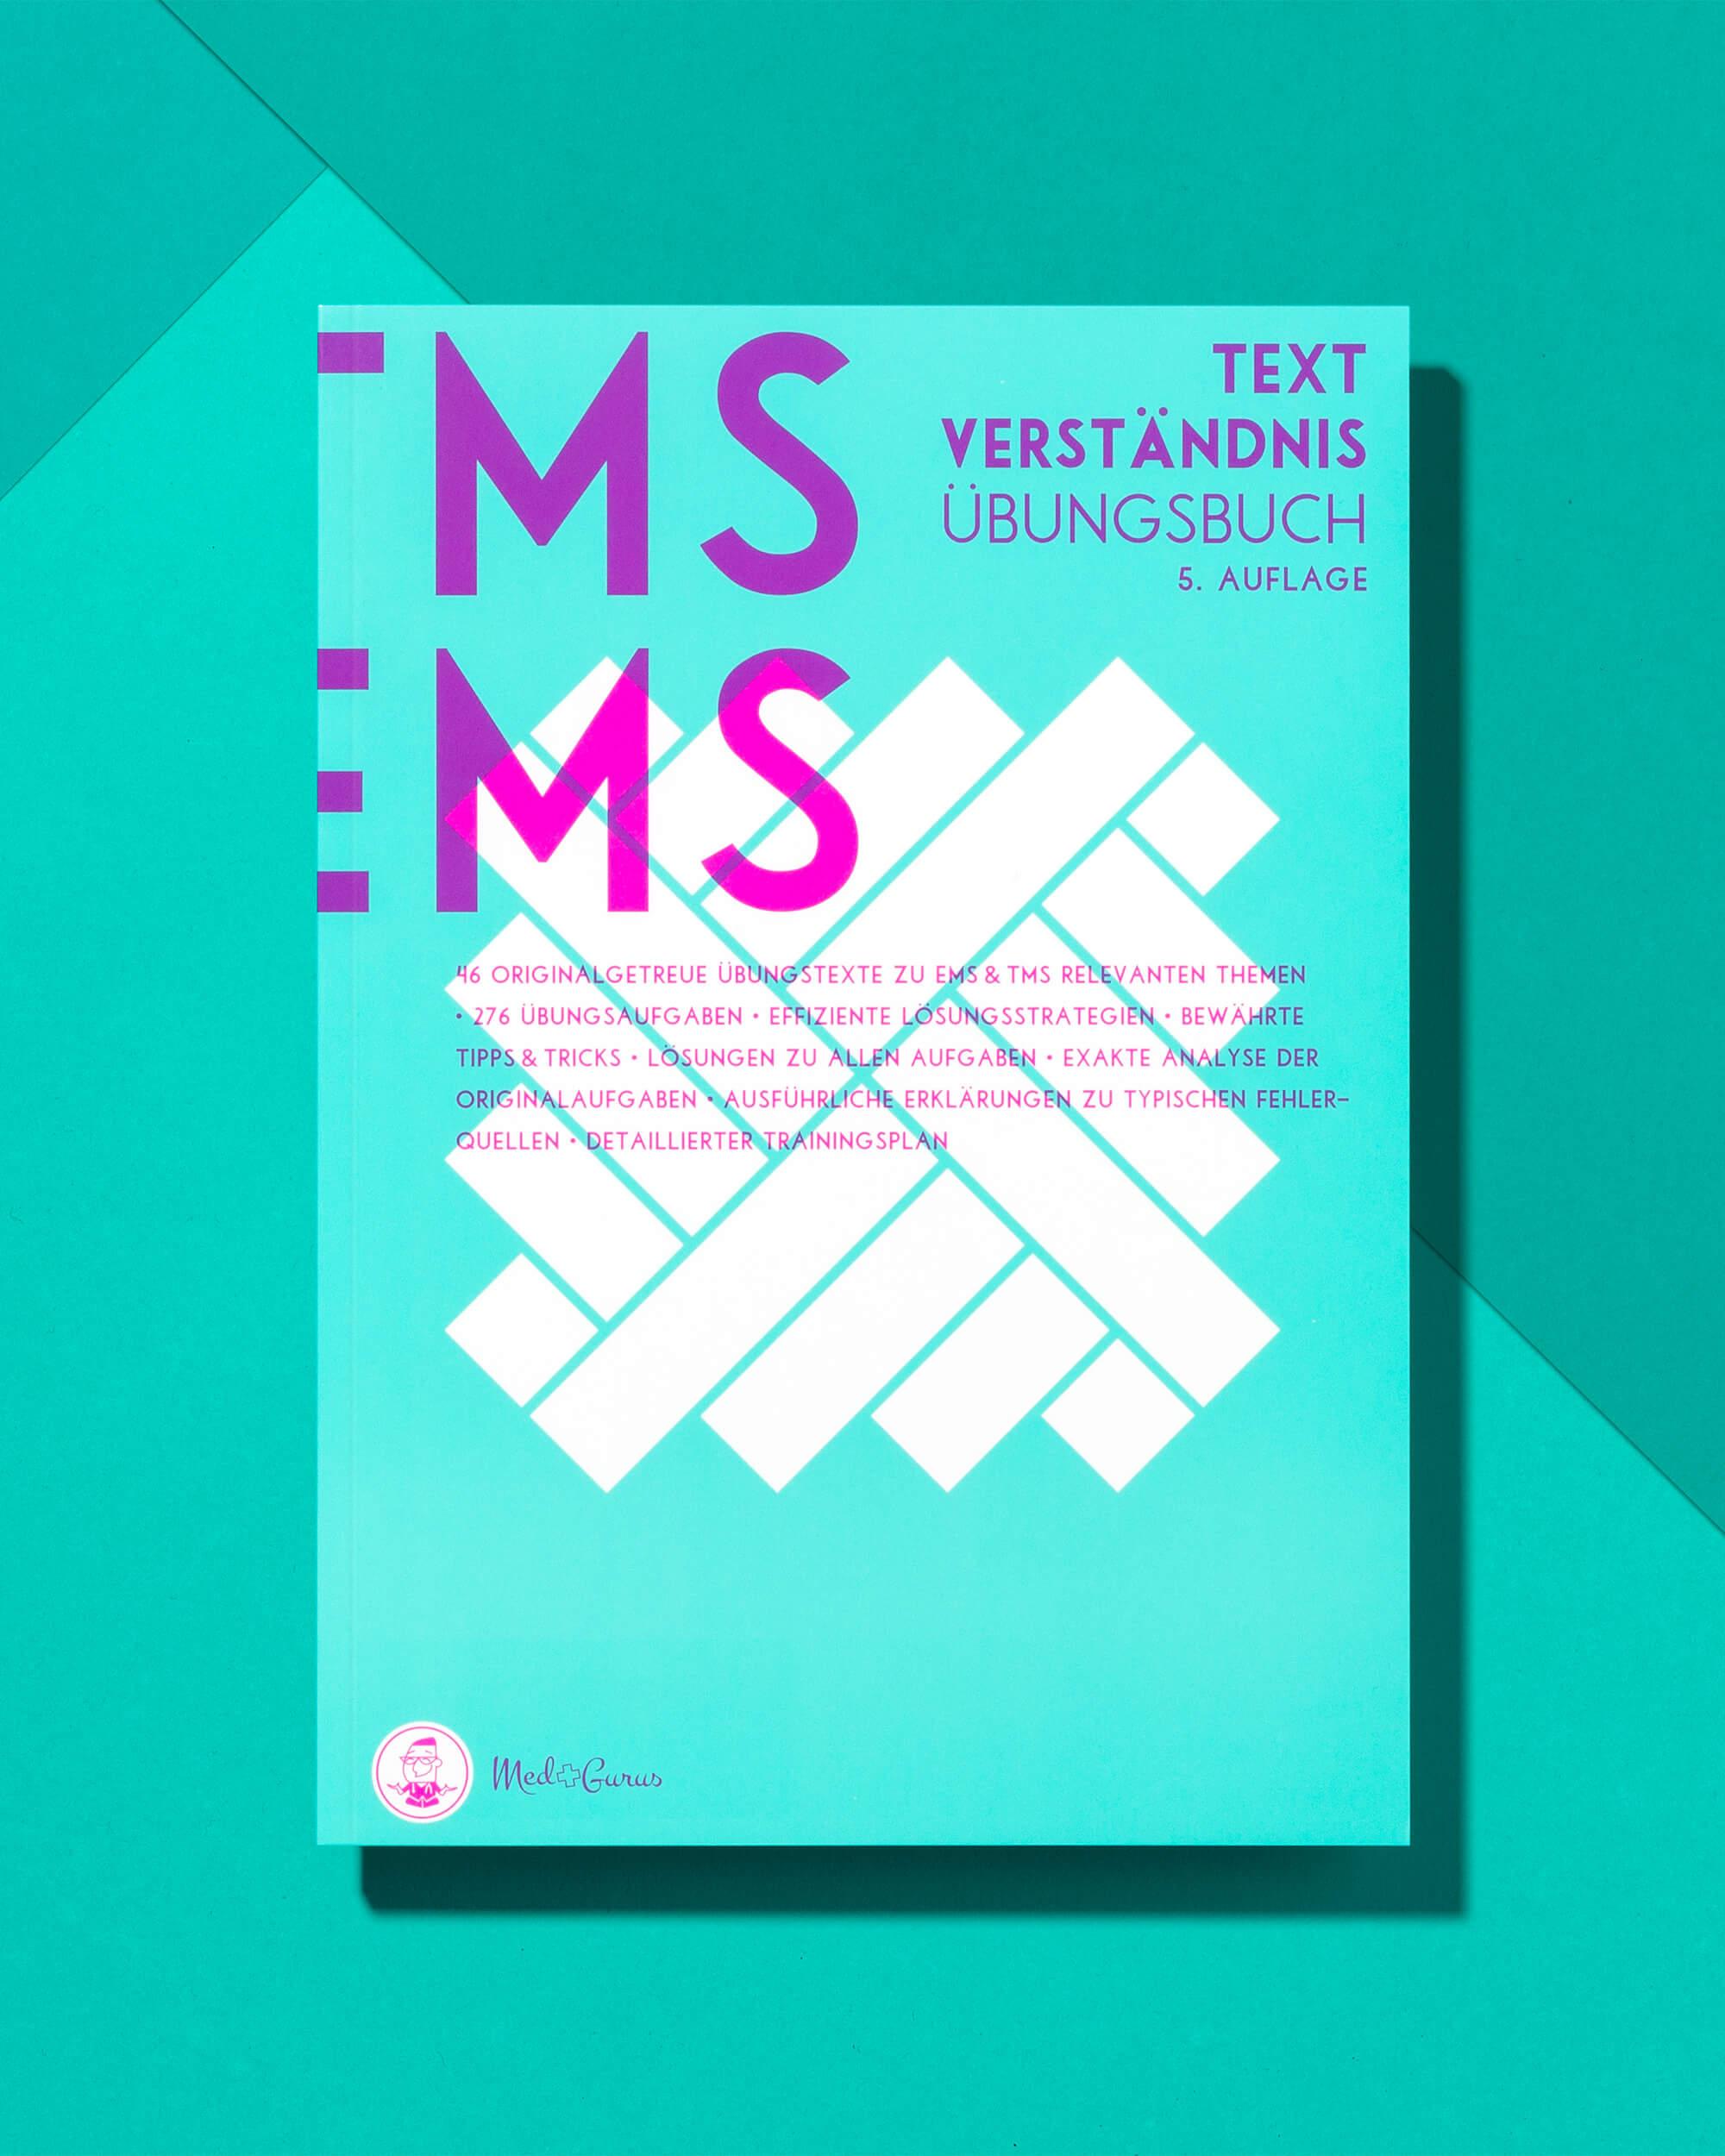 Grafik und Schrift auf dem Cover